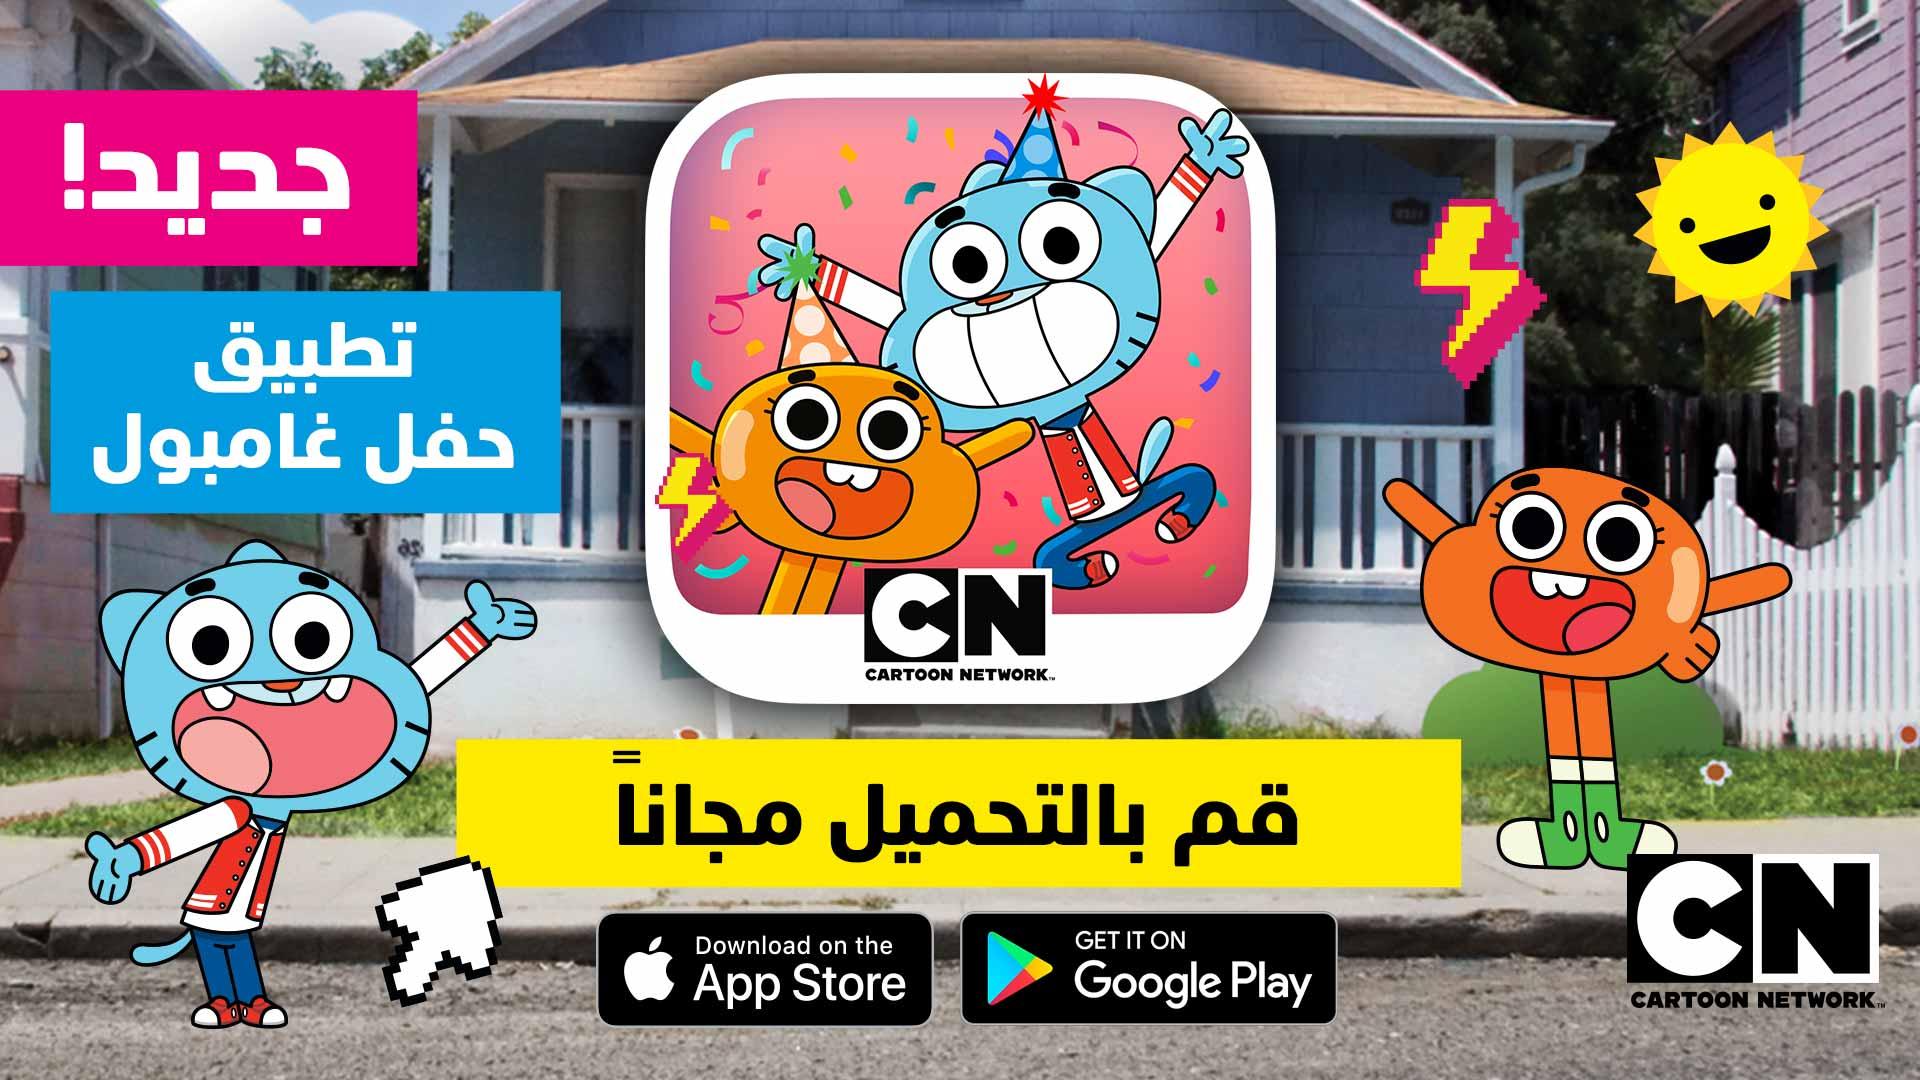 عالم غامبول المدهش ألعاب مقاطع فيديو وتنزيلات كرتون تورك بالعربية